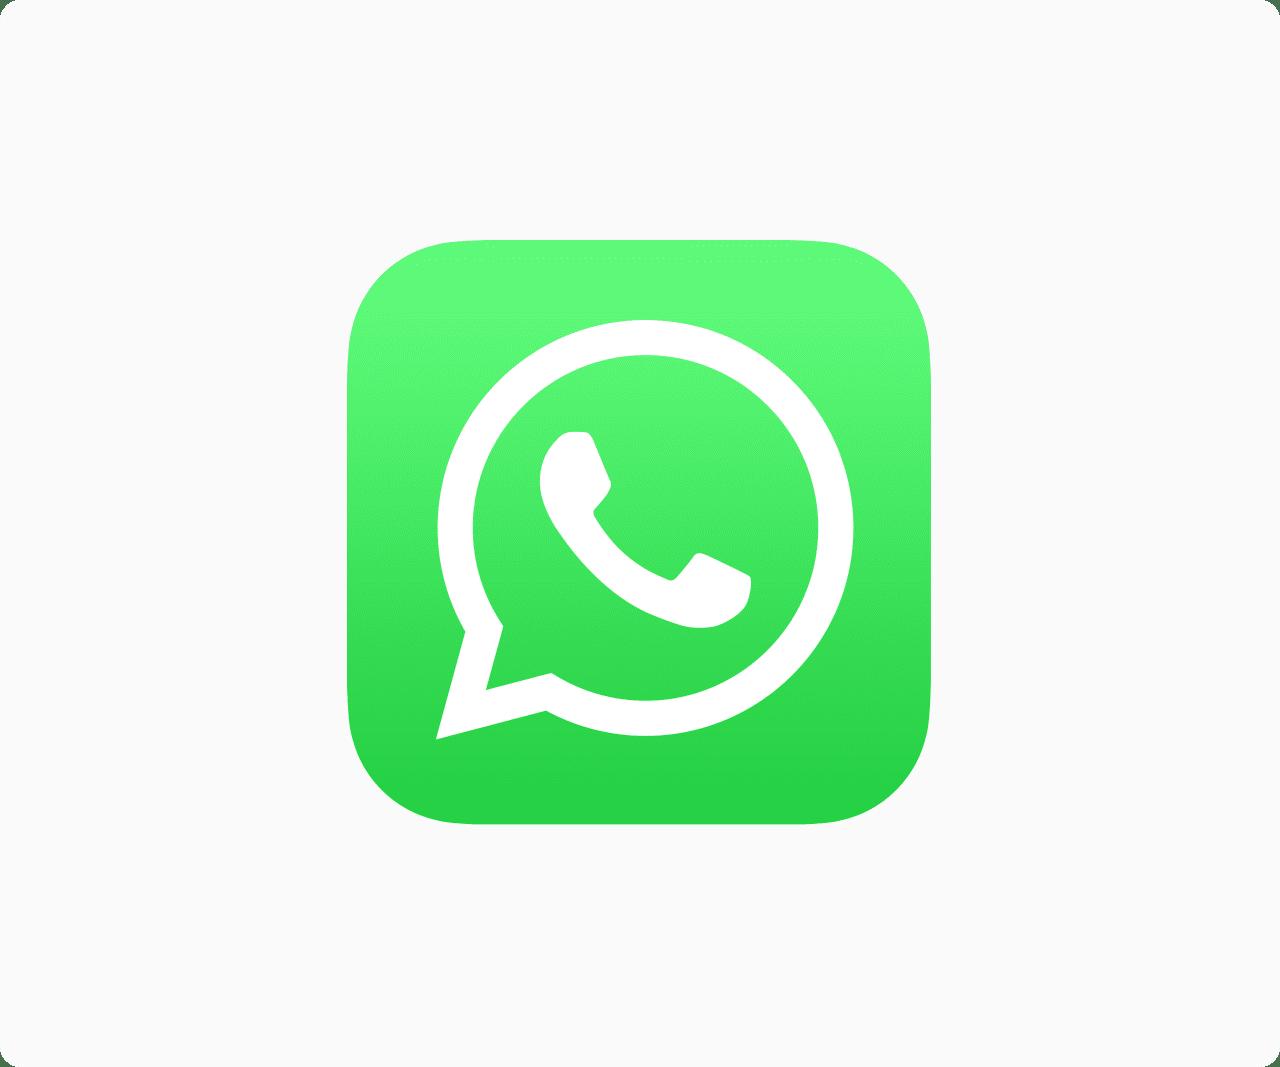 Direkt in Whatsapp